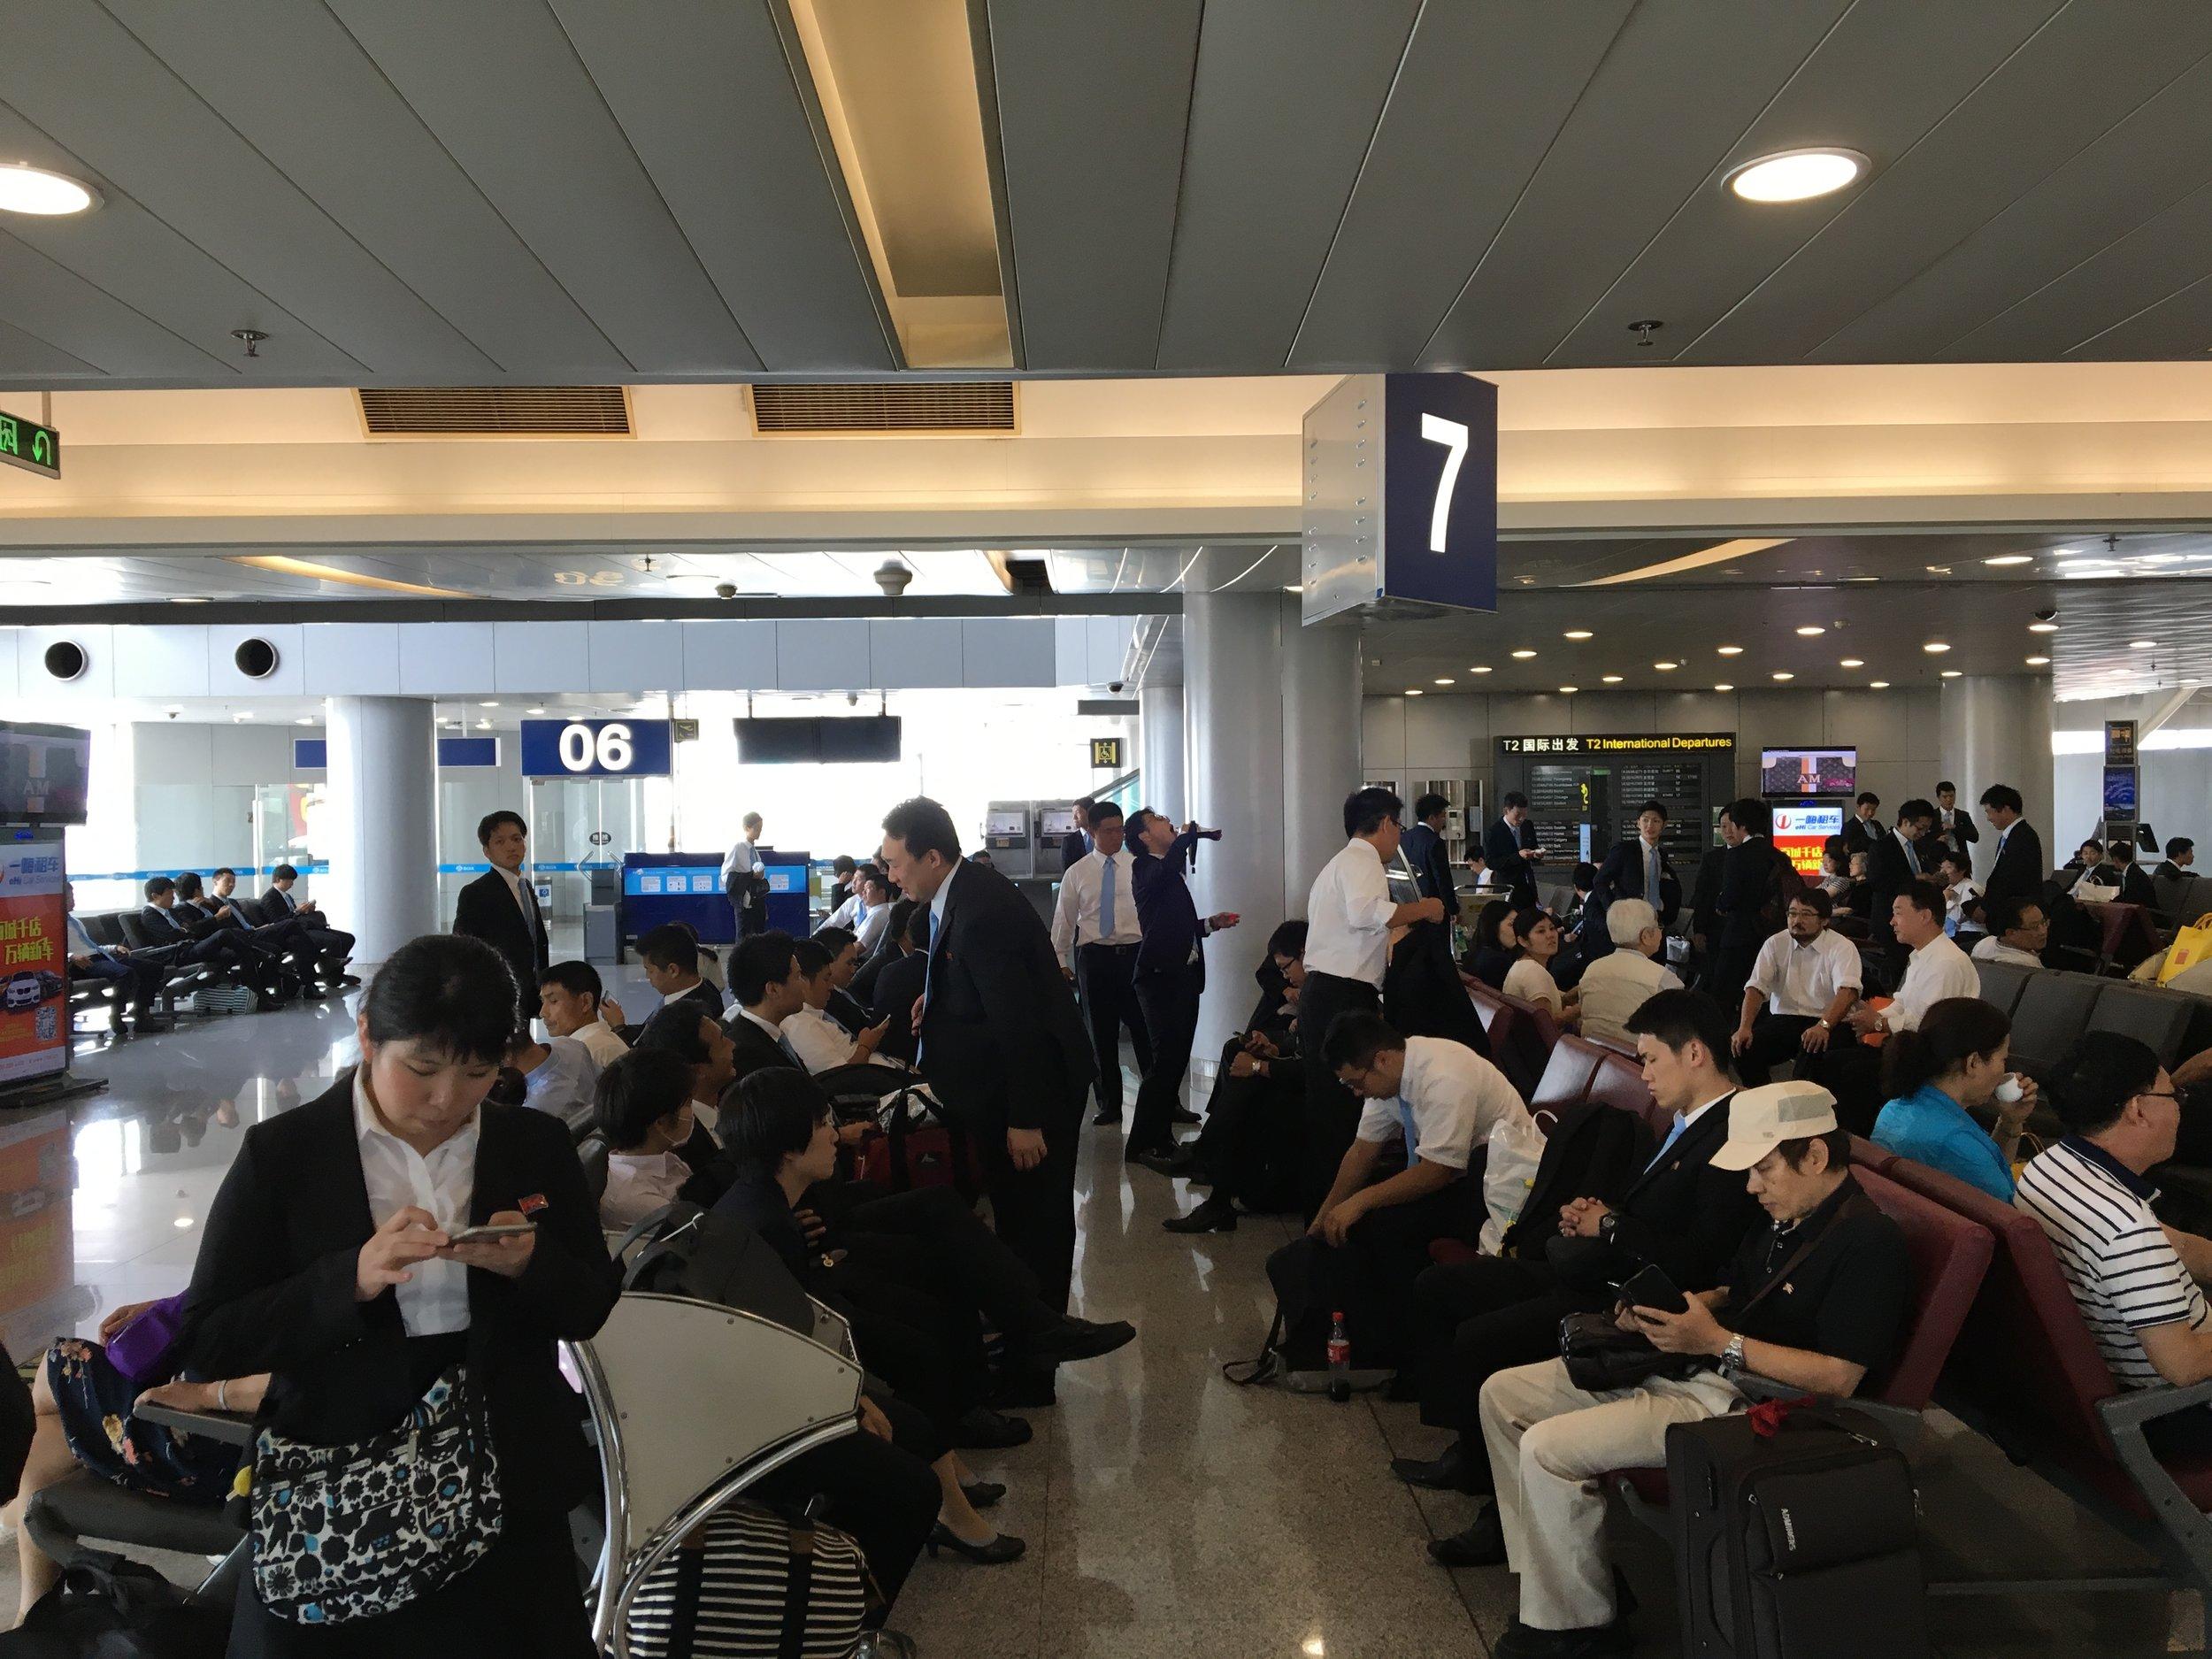 Gate area in Beijing before boarding Air Koryo to Pyongyang